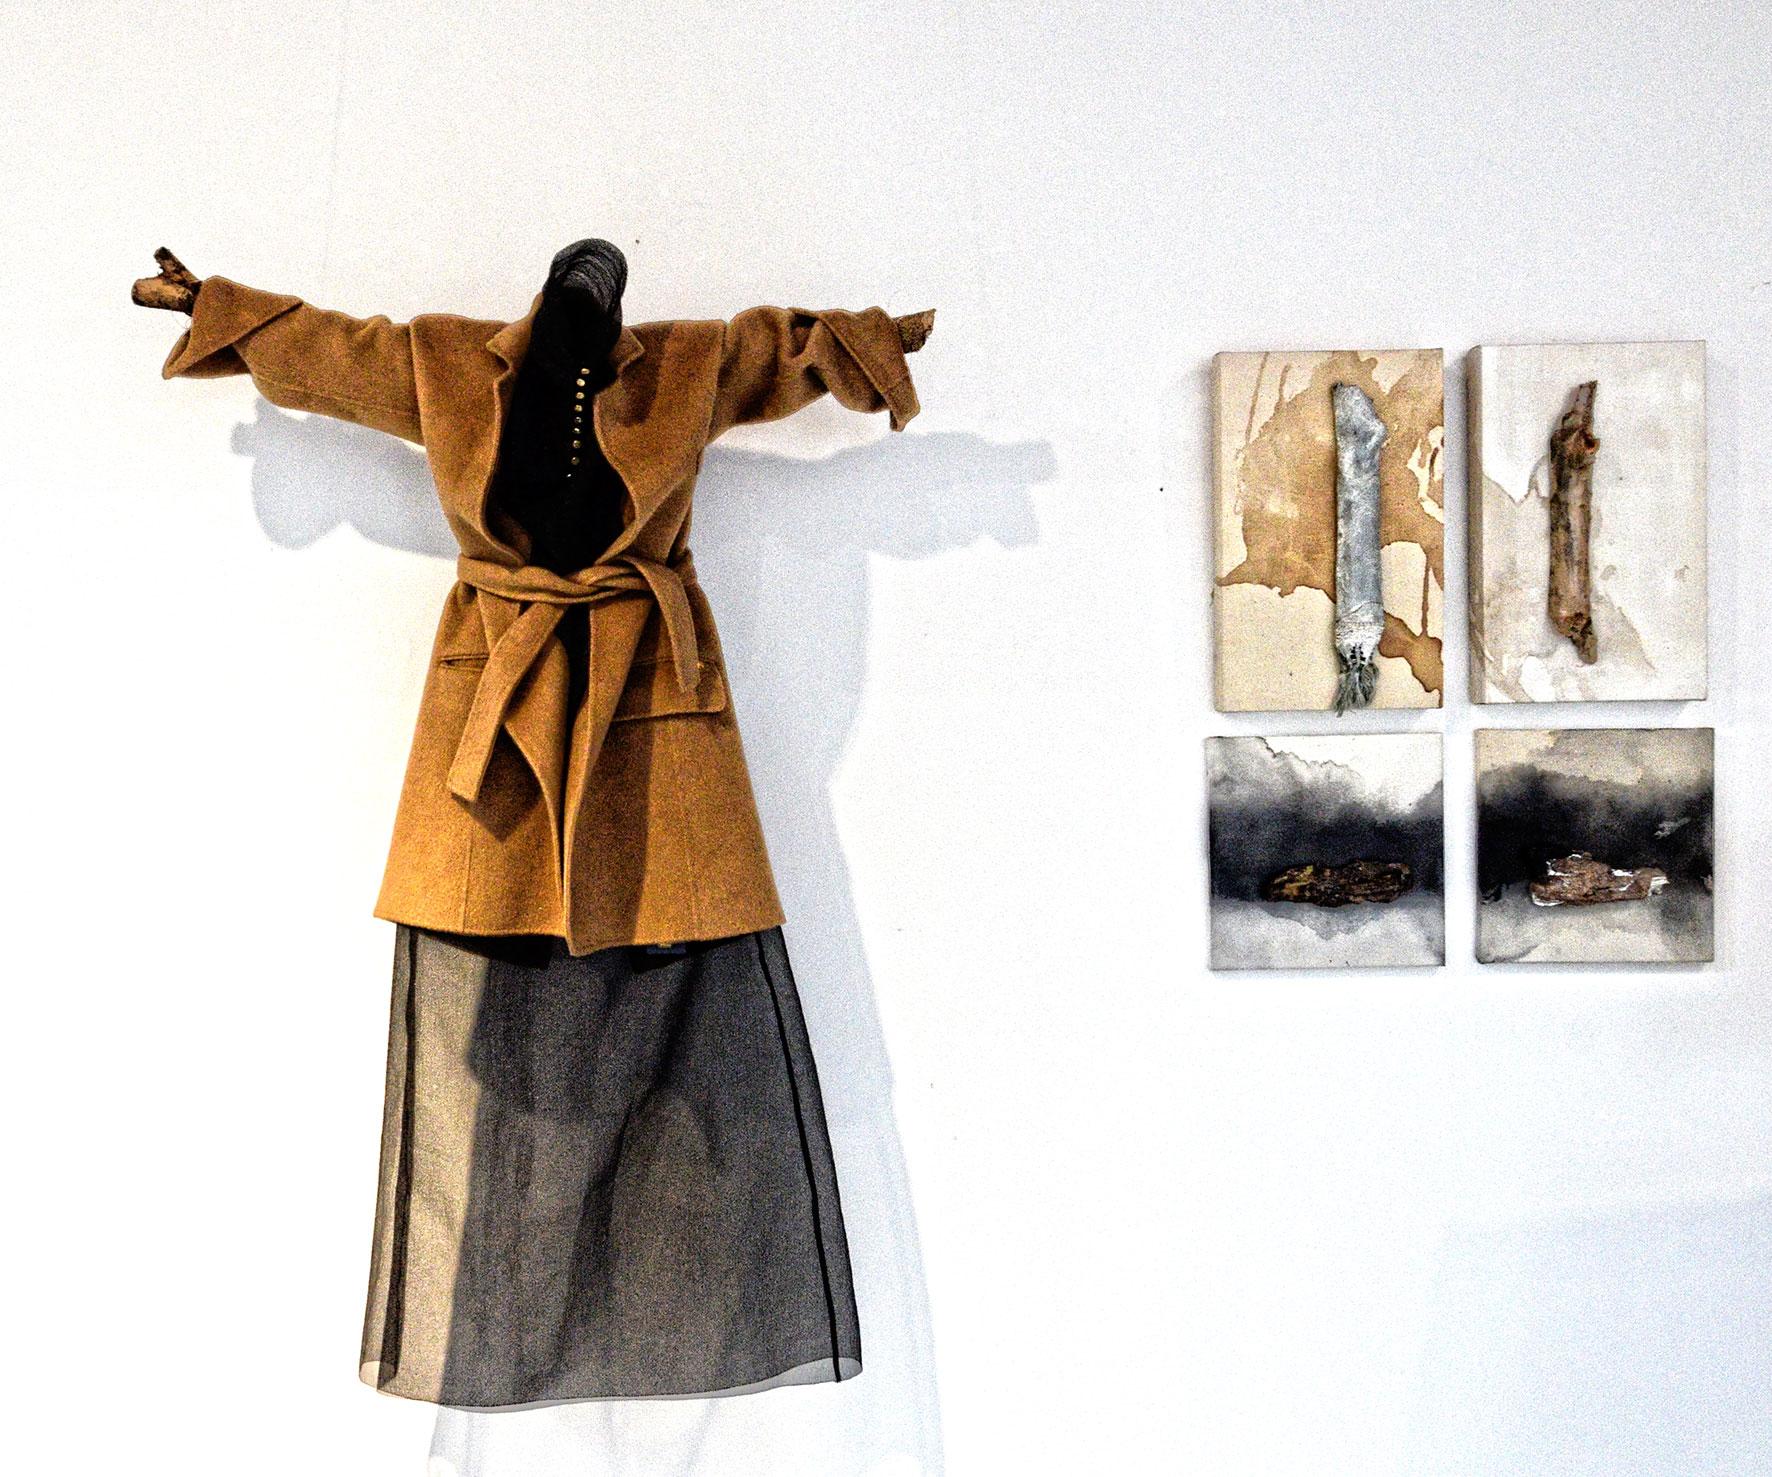 Una mostra che esplora le connessioni fra arte e moda